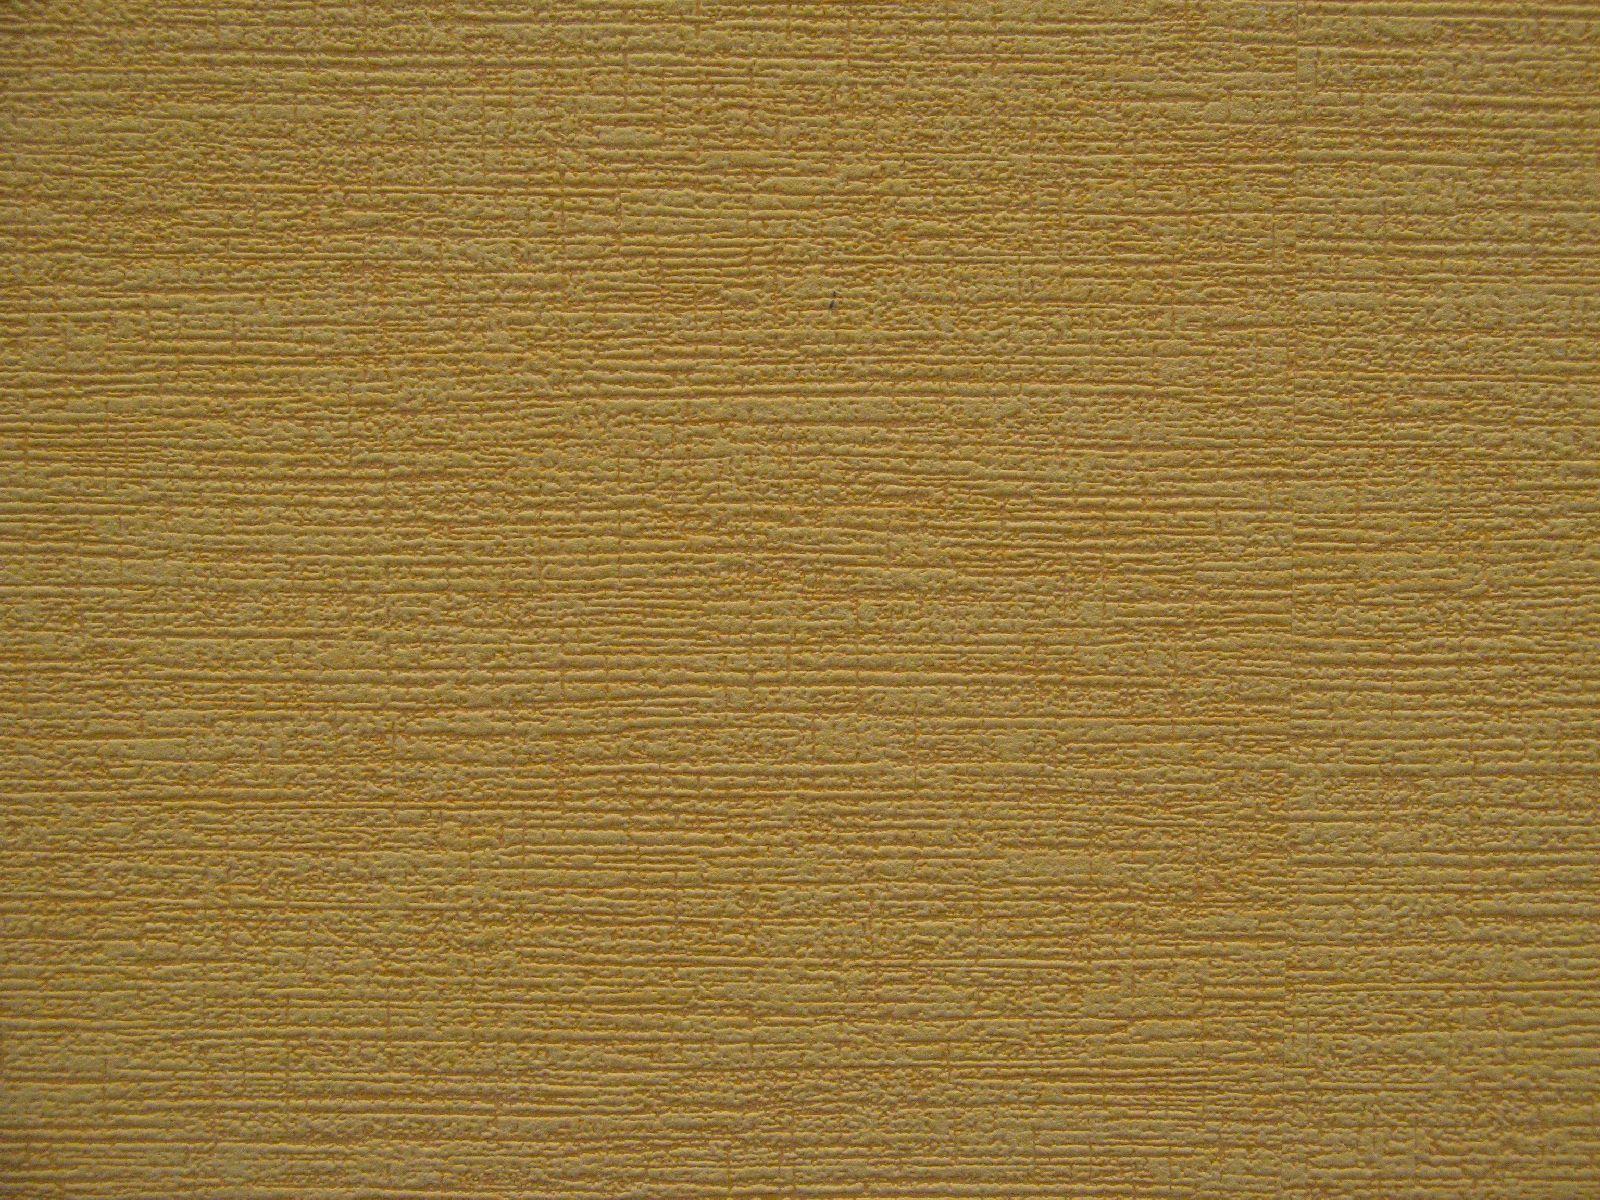 Wallpaper Interior Texture Interior Exterior Doors 1600x1200